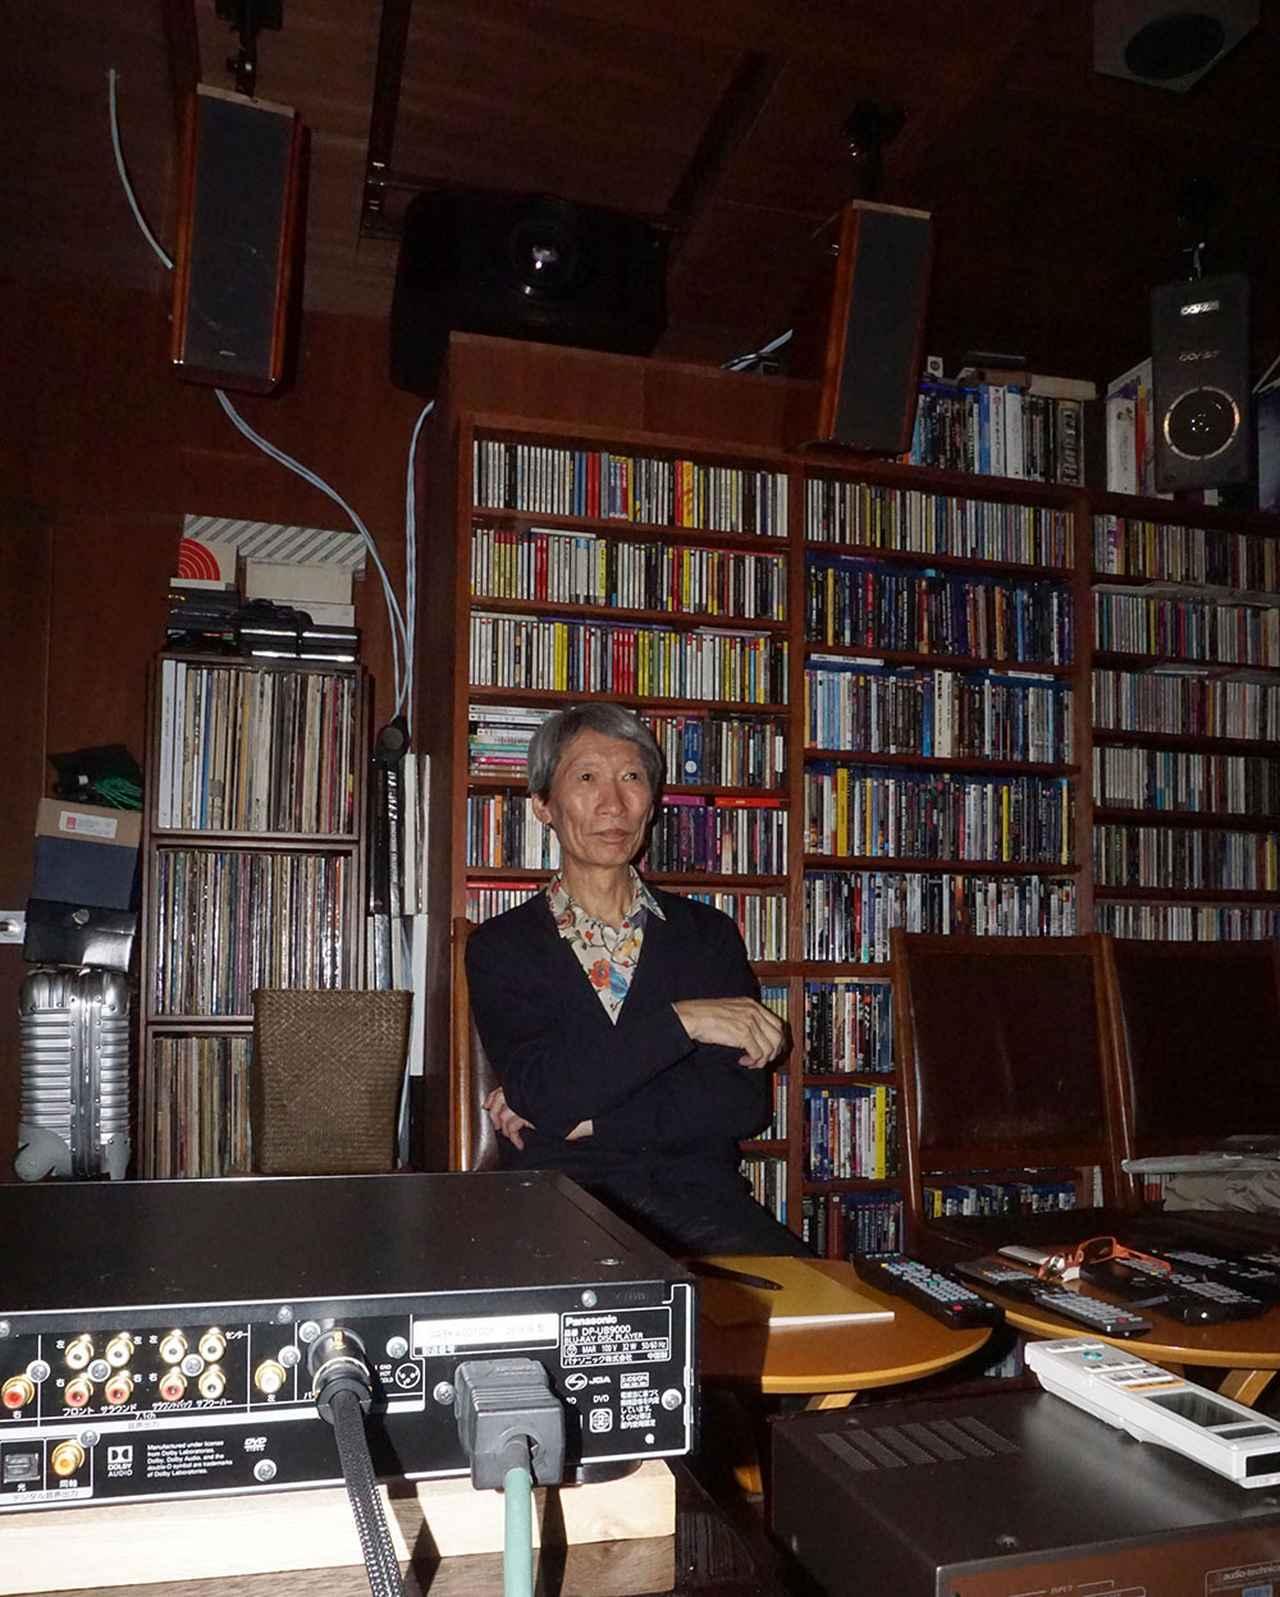 画像: 『スター・ウォーズ/スカイウォーカーの夜明け』4K UHDブルーレイが新鮮な感動を与えてくれた。絵・音ともにこの情報量の豊かさは、永久保存に値する - Stereo Sound ONLINE